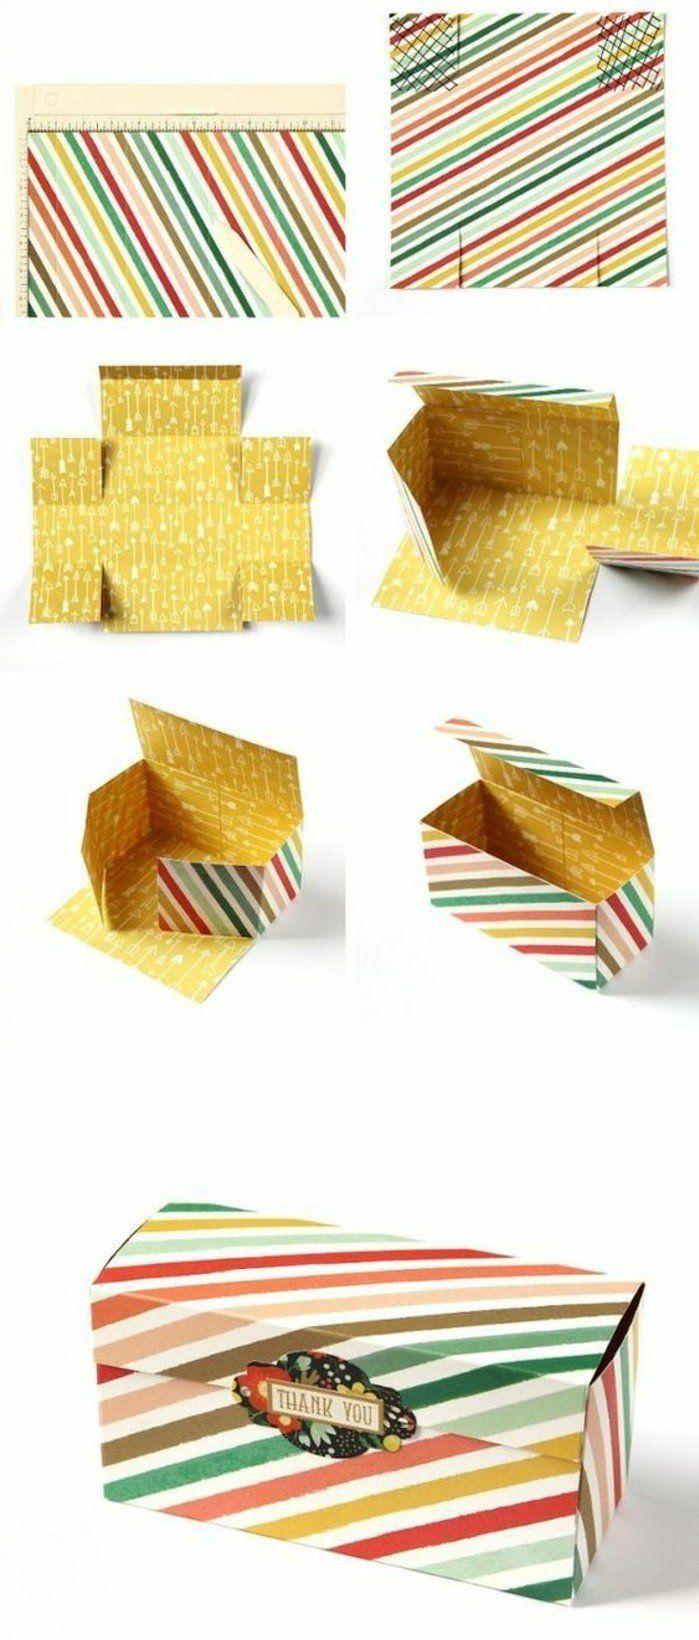 idée patron boite en papier et pliage pour fabriquer une boite en papier rectangulaire, déco de rayures à couelurs diverses